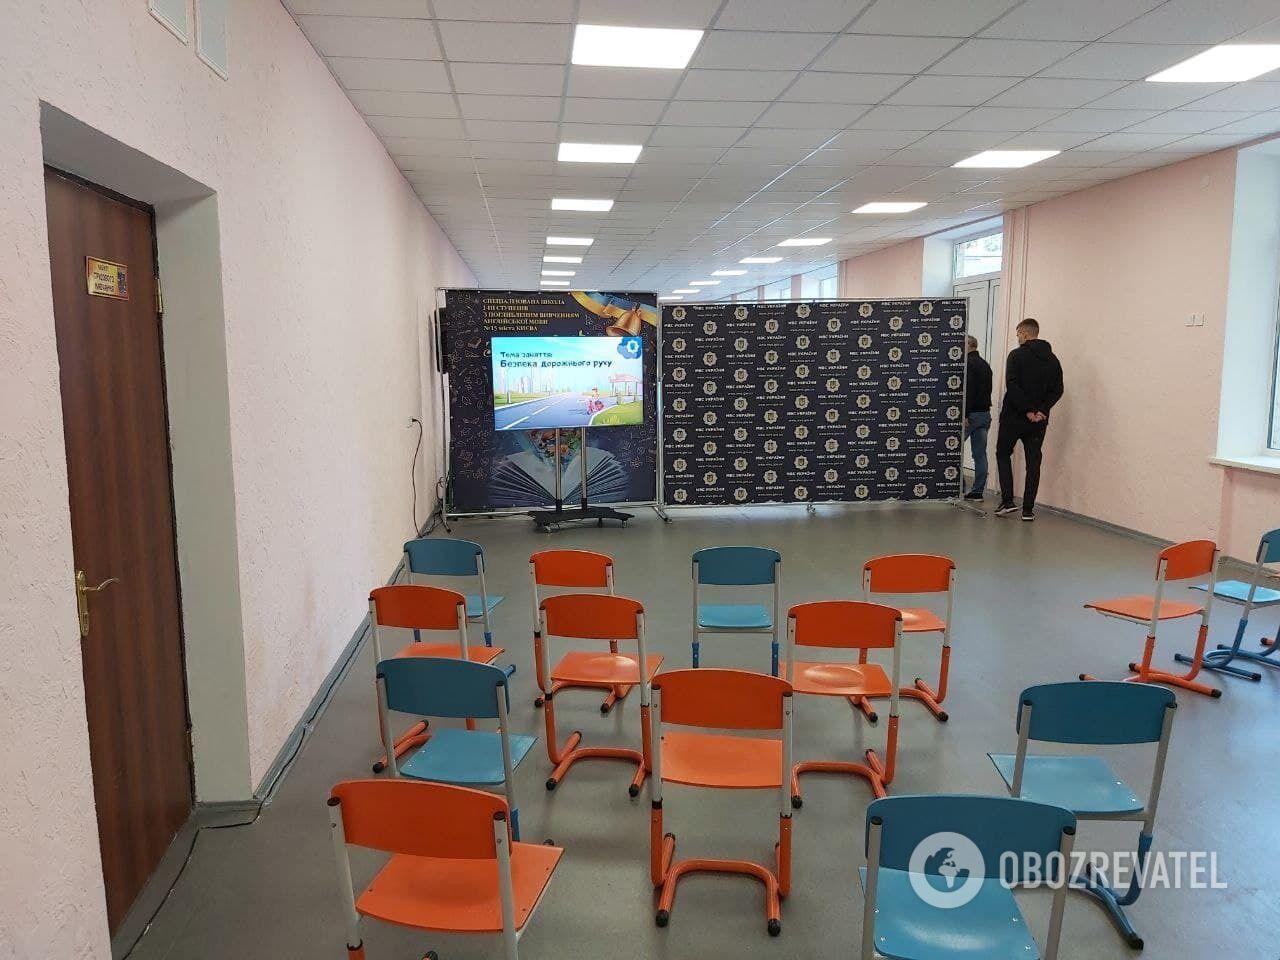 Урок проводился в одной из школ Киева